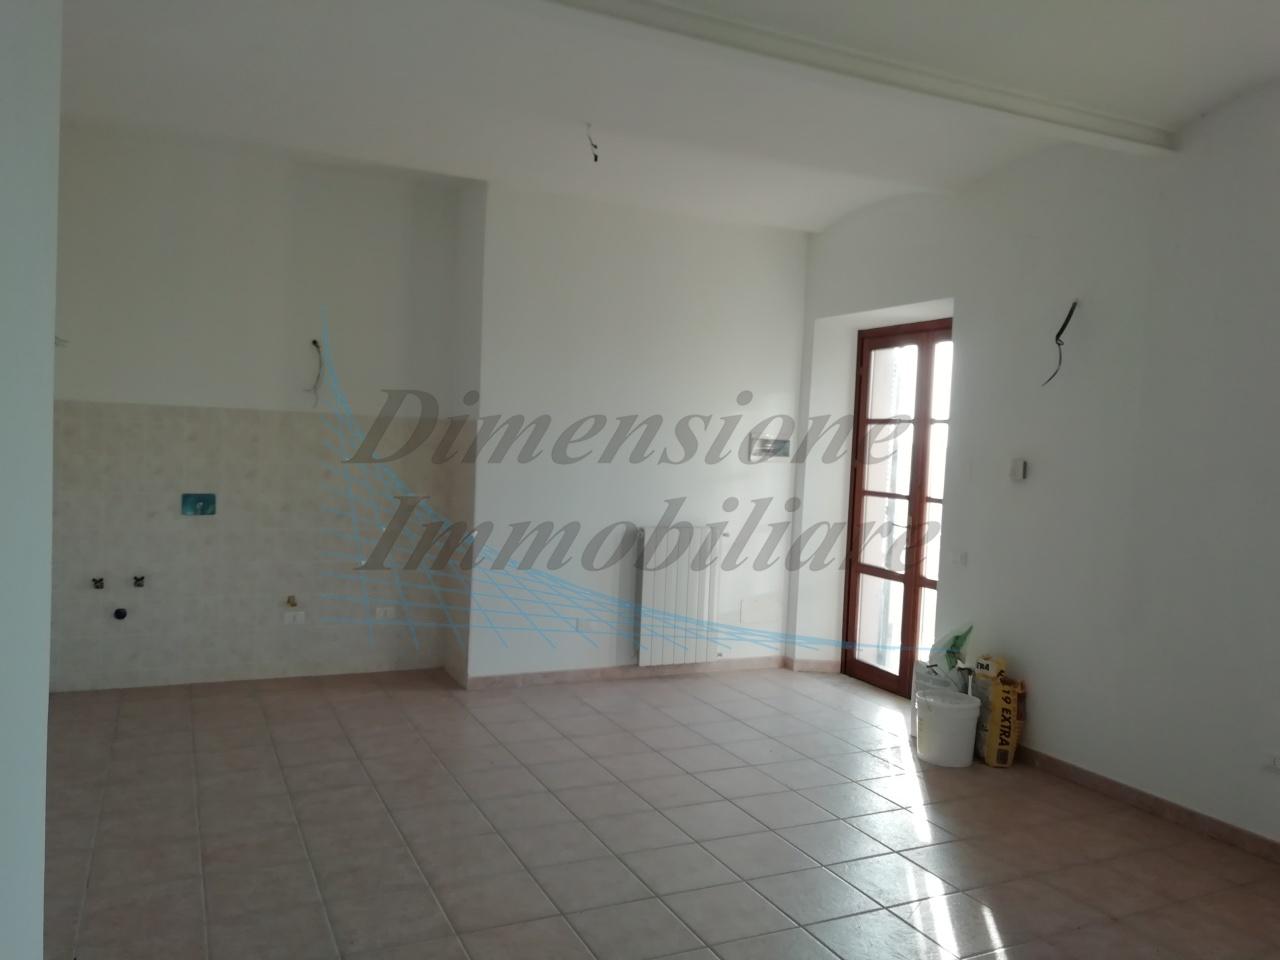 Appartamento in vendita Rif. 8604716